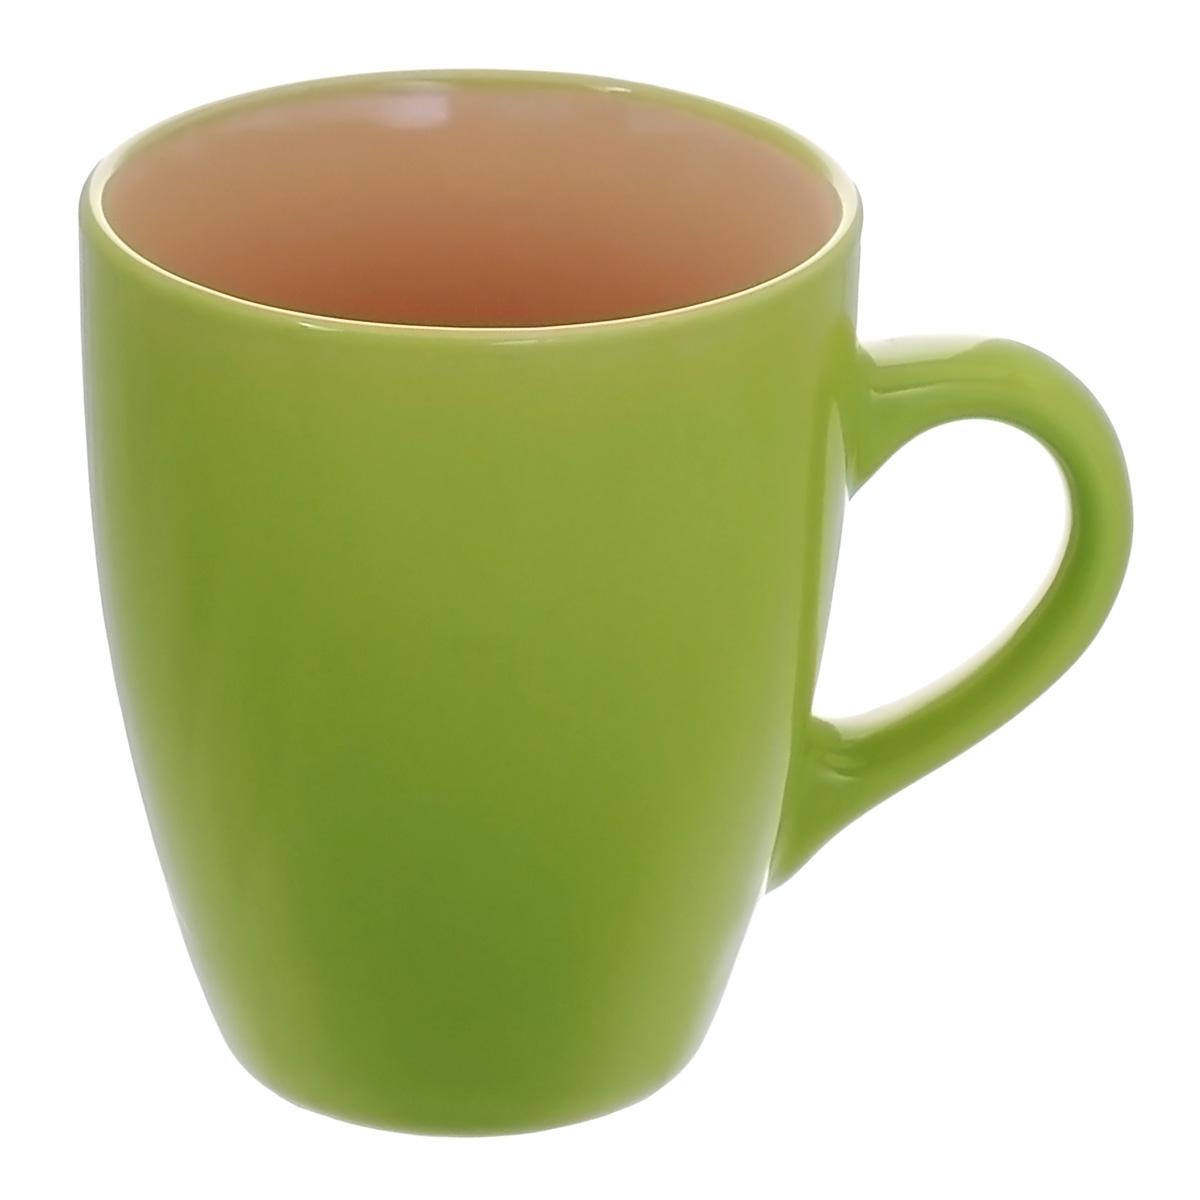 """Кружка """"Тюльпан"""" изготовлена из прочной высококачественной керамики и подходит для повседневного использования. Всегда актуальный дизайн подойдет для любого случая.Насладитесь расслабляющей чашкой чая вместе кружкой """"Тюльпан""""Можно нагревать в микроволновой печи и мыть в посудомоечной машине.   Диаметр (по верхнему краю): 8,5 см. Высота стенки: 10,5 см.Объем: 370 мл."""